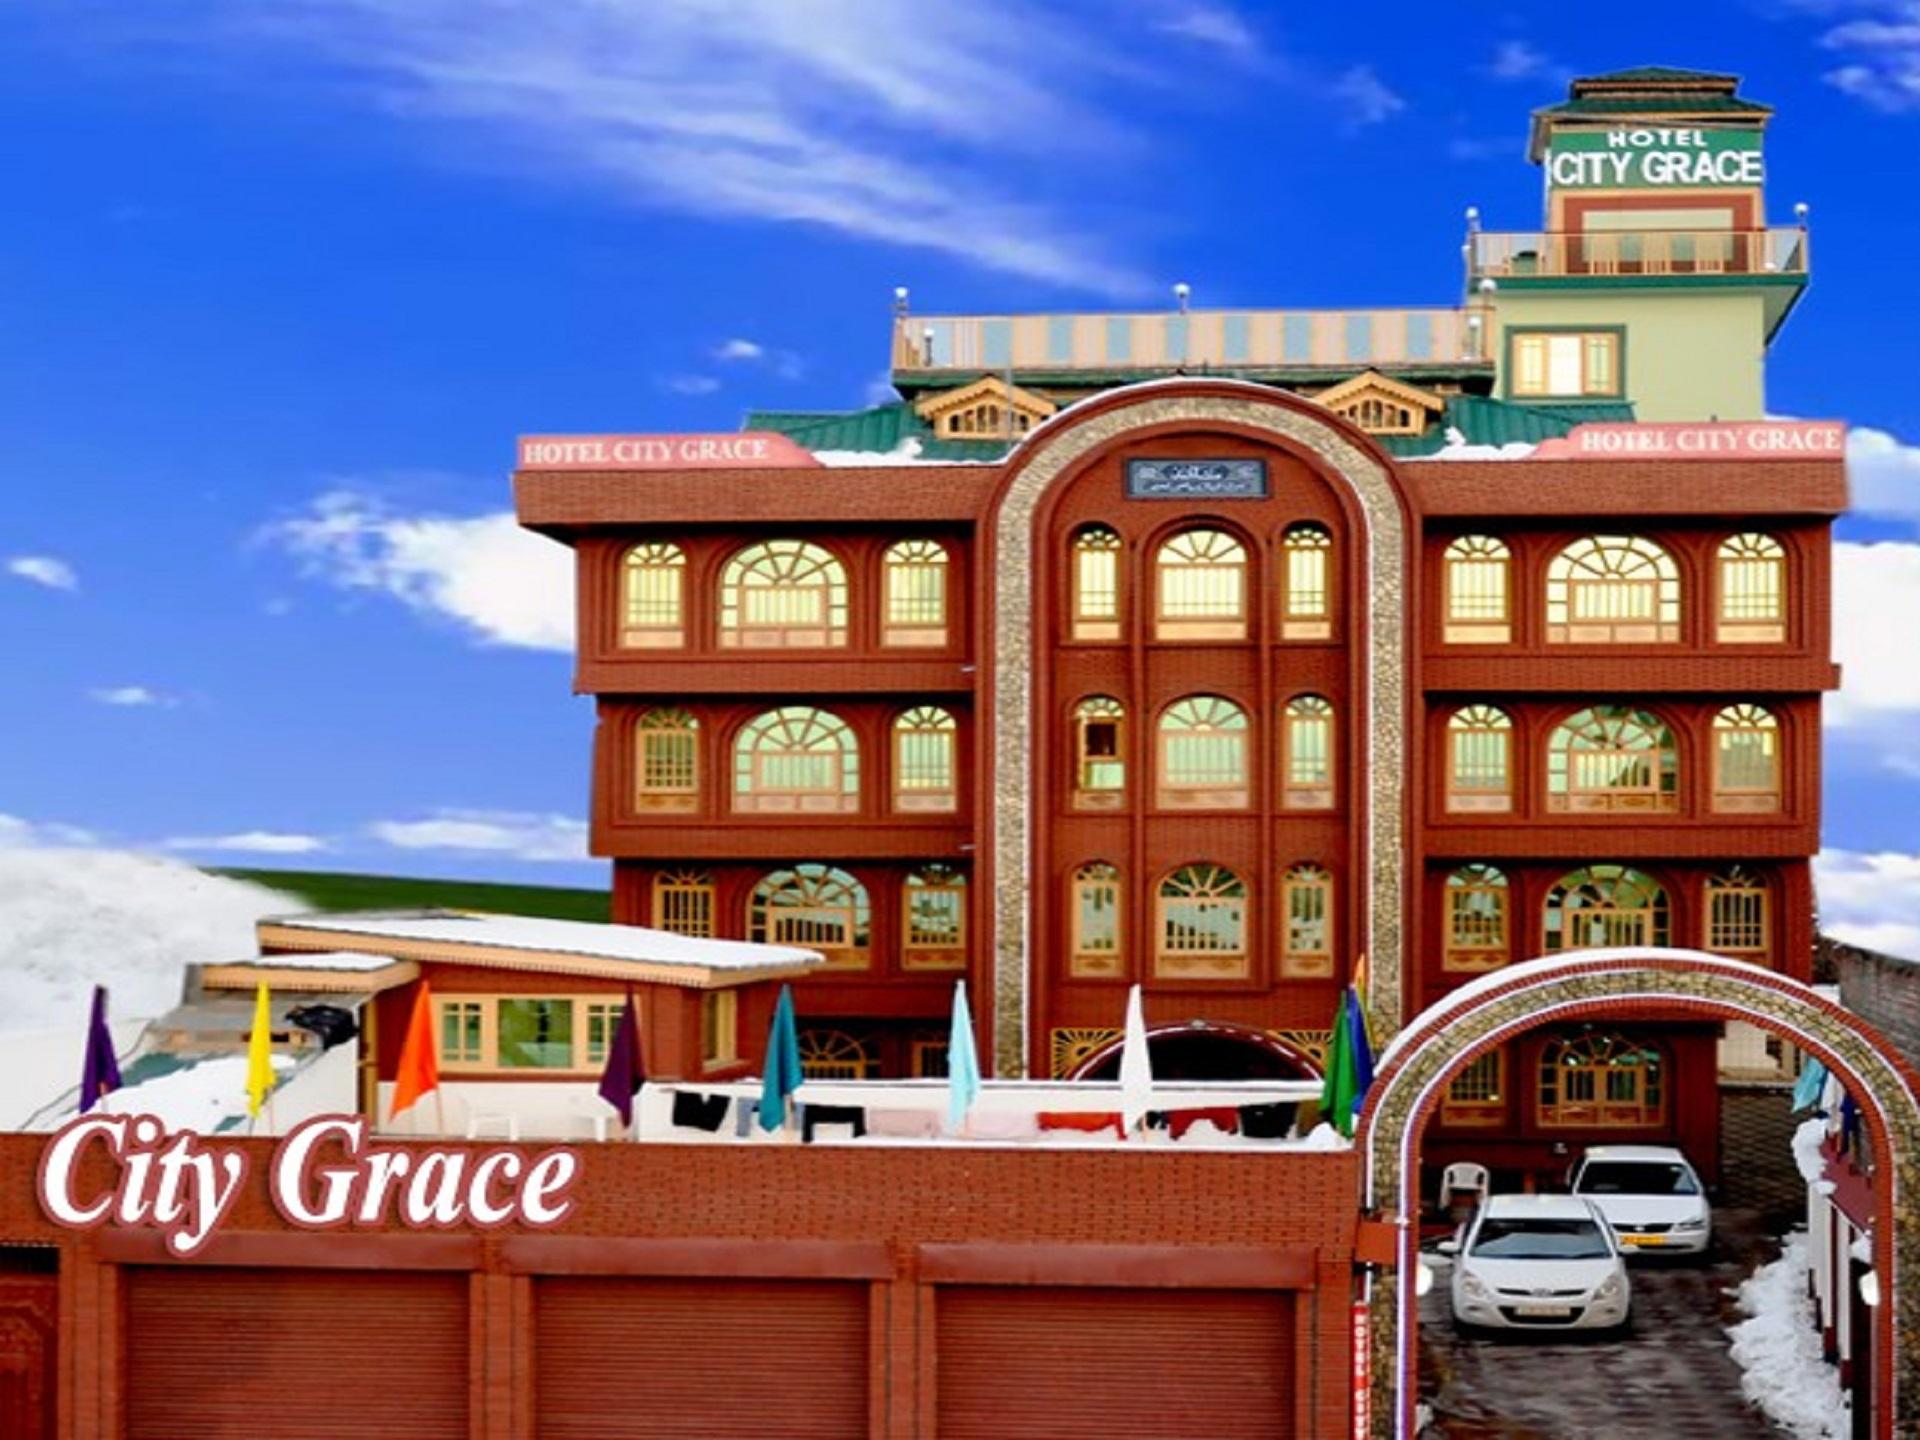 Hotel City Grace